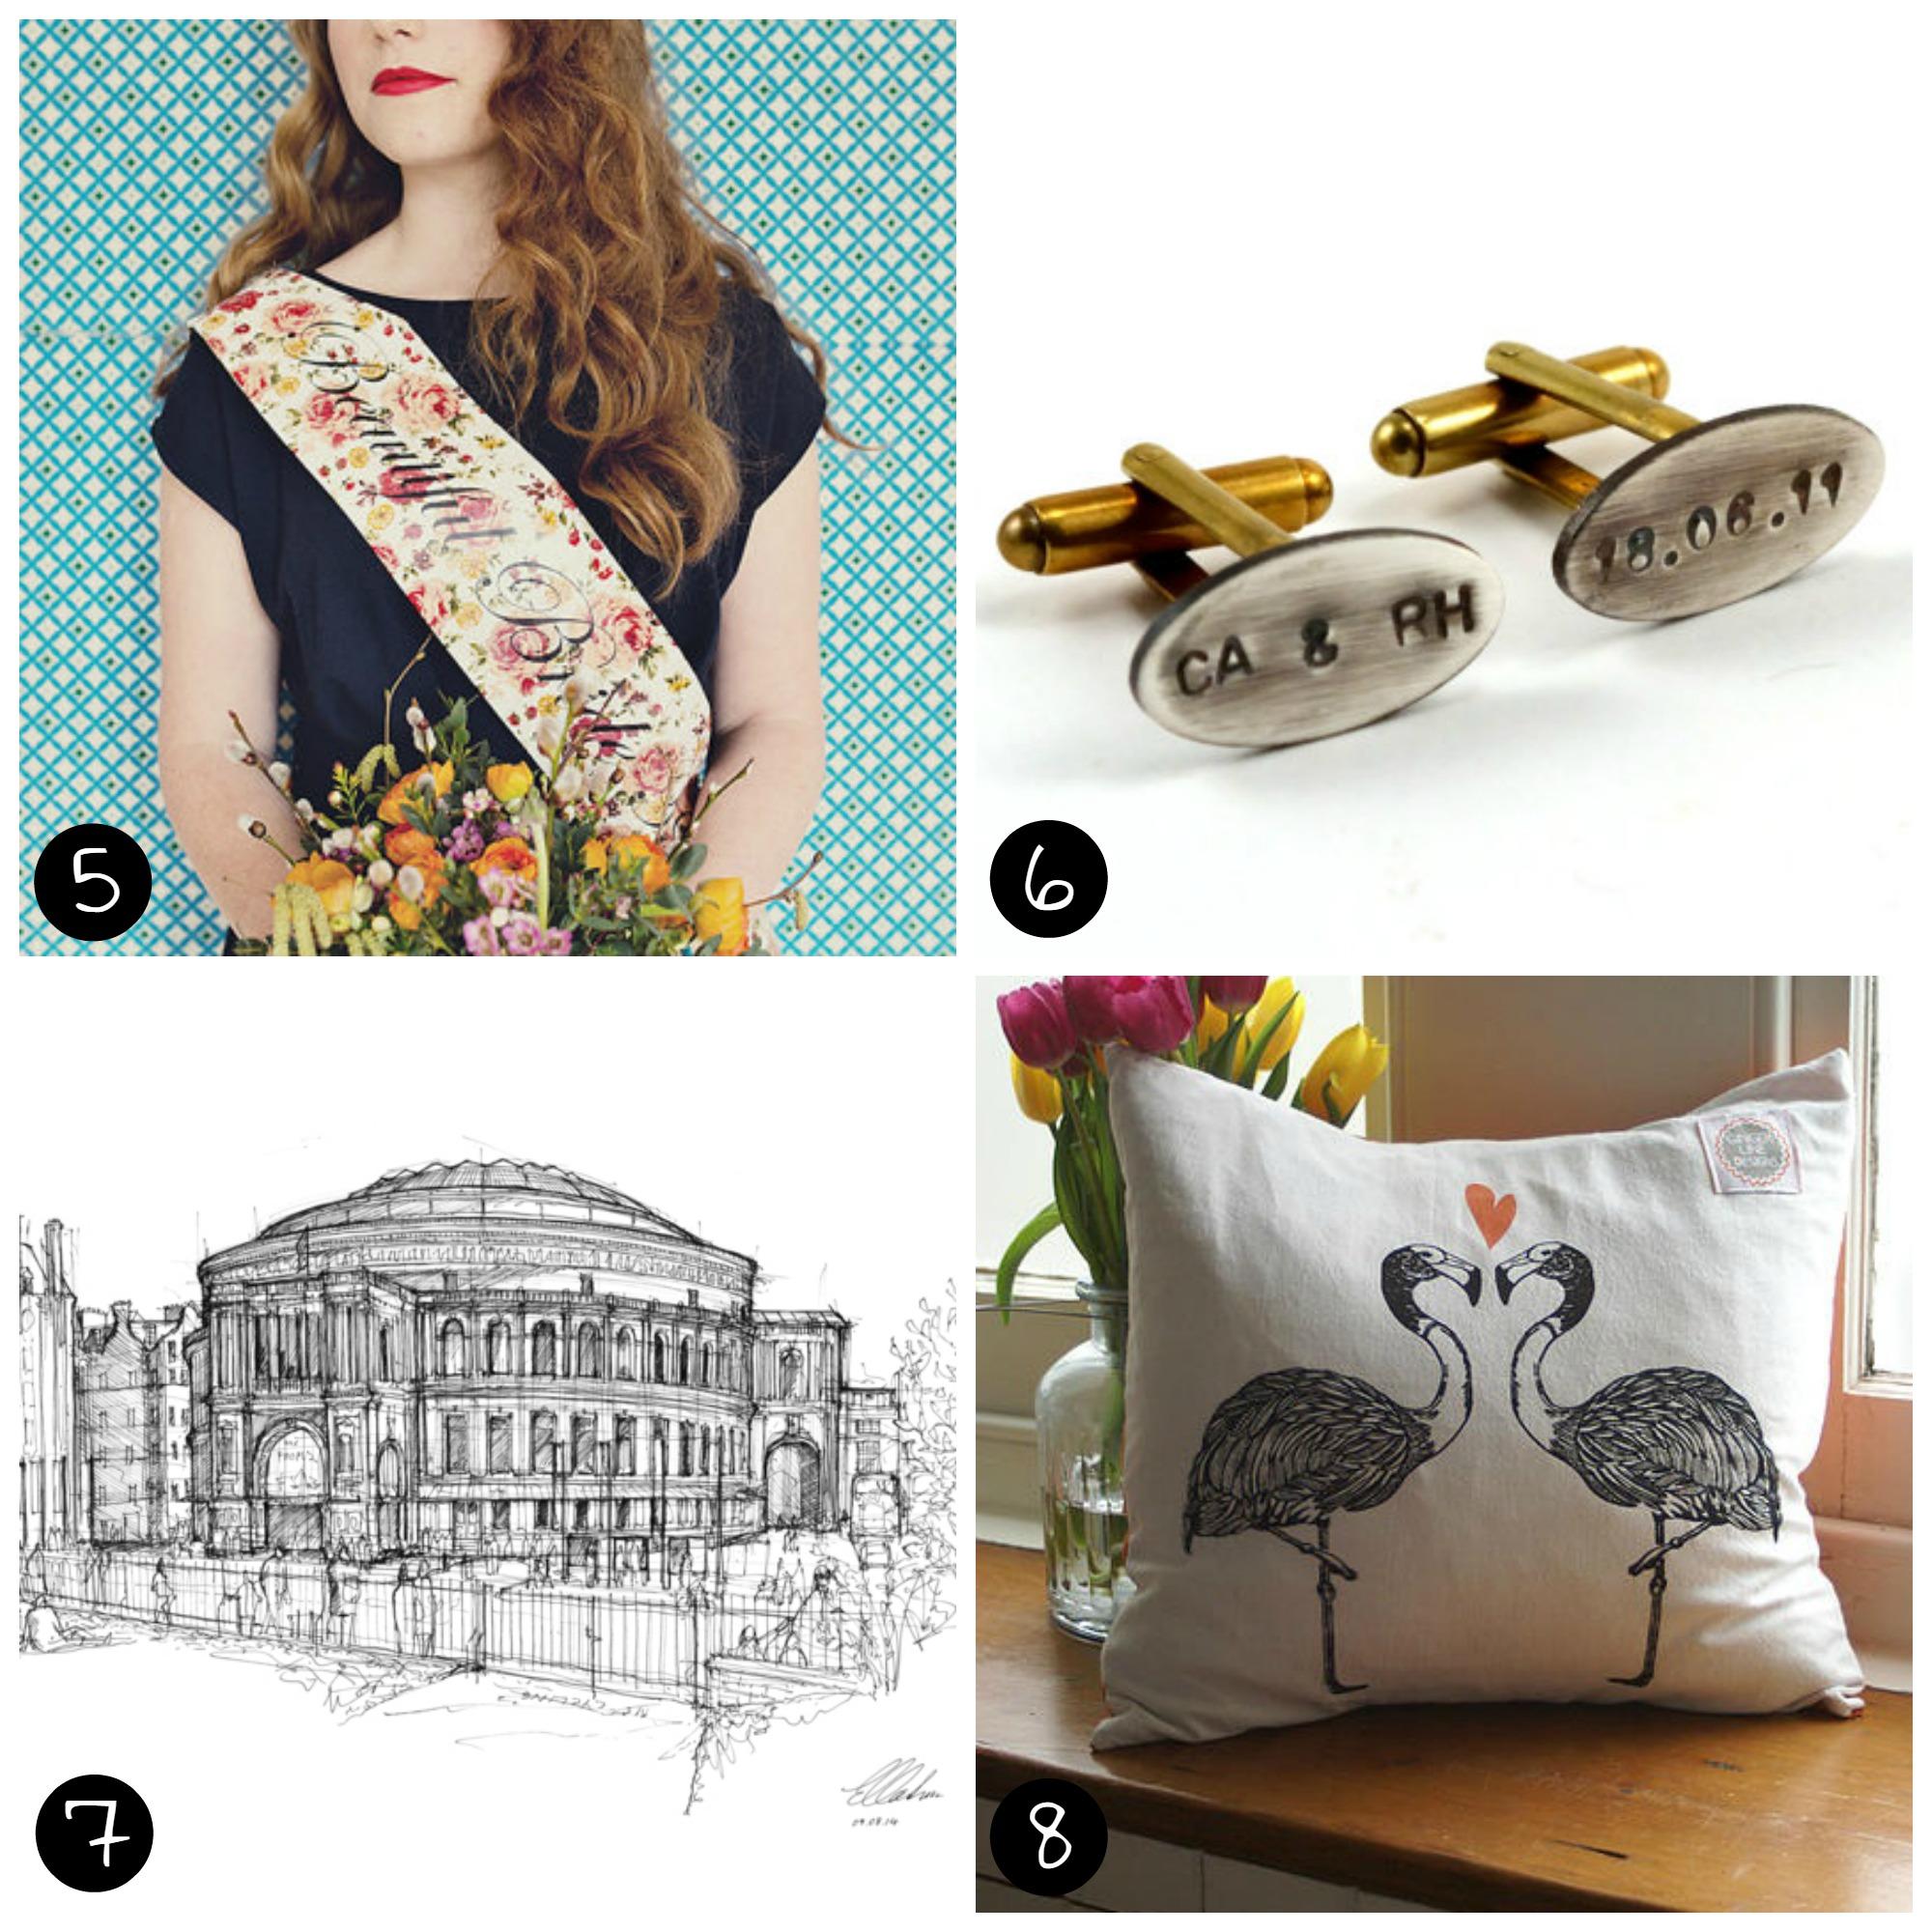 5. Oh Squirrel  (Brixton - Sat 25 April), 6. Chanchala  (Peckham - Sat 11 April), 7.  LukeAdam Hawker  (Brixton - Sat 25 April), 8. Ginger Line Designs  (Peckham - Sun 12 April)